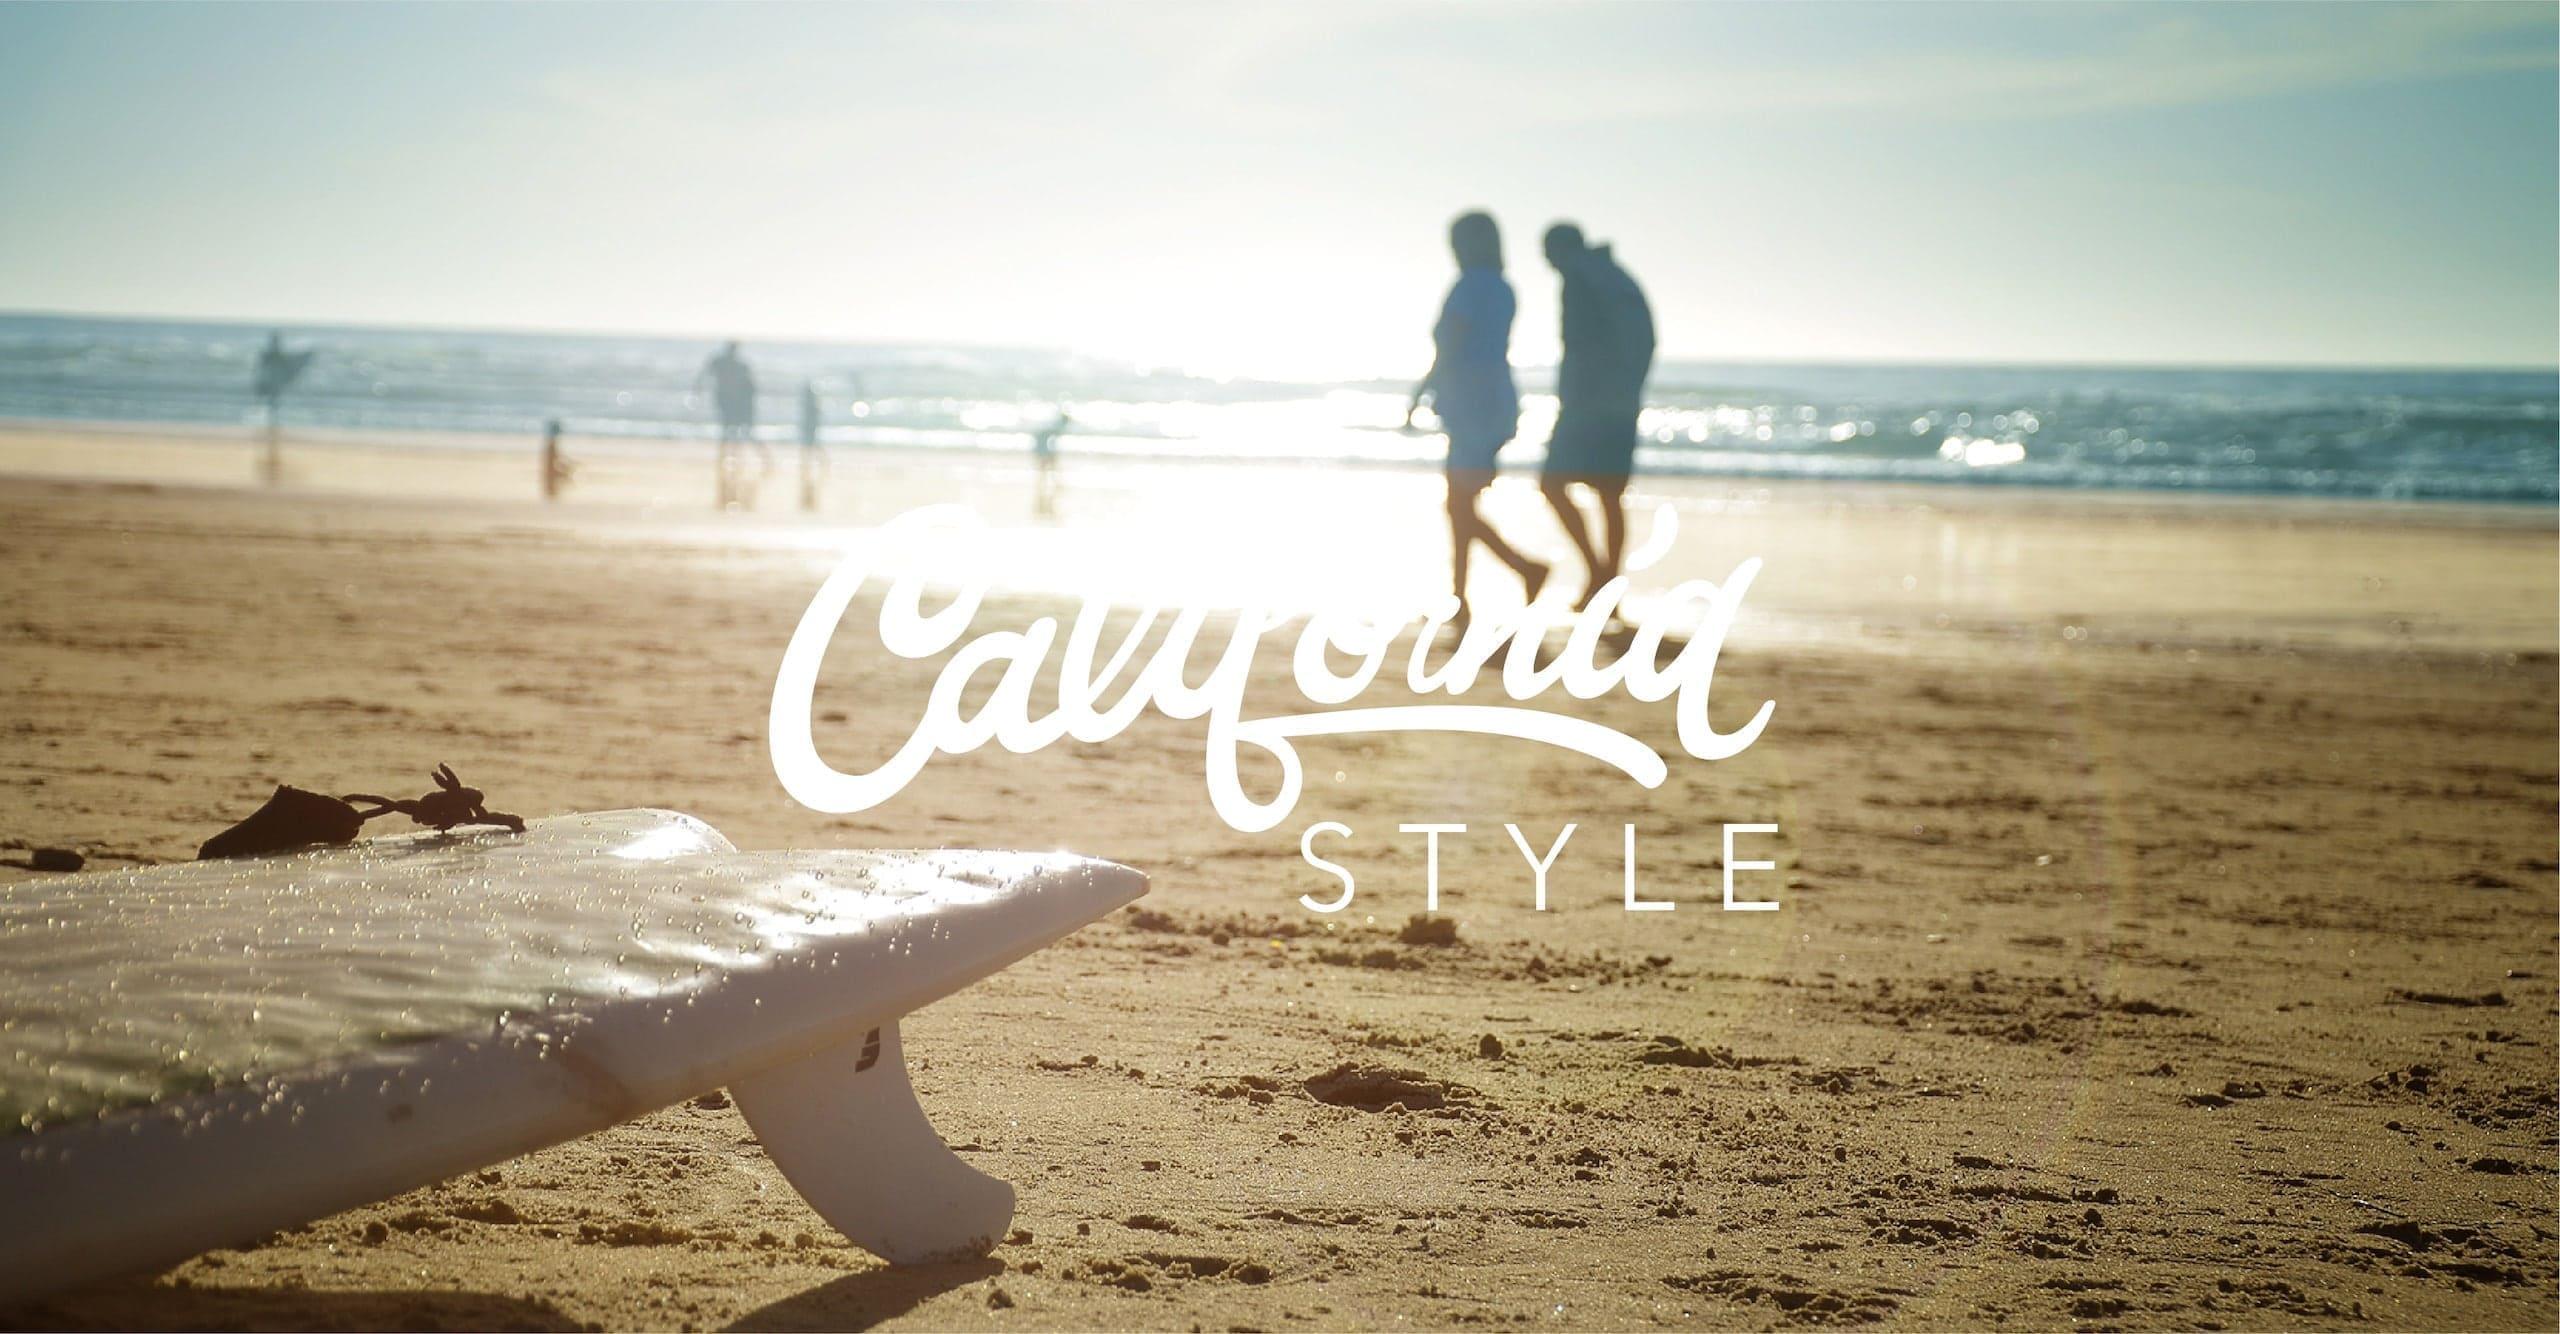 カリフォルニアスタイル